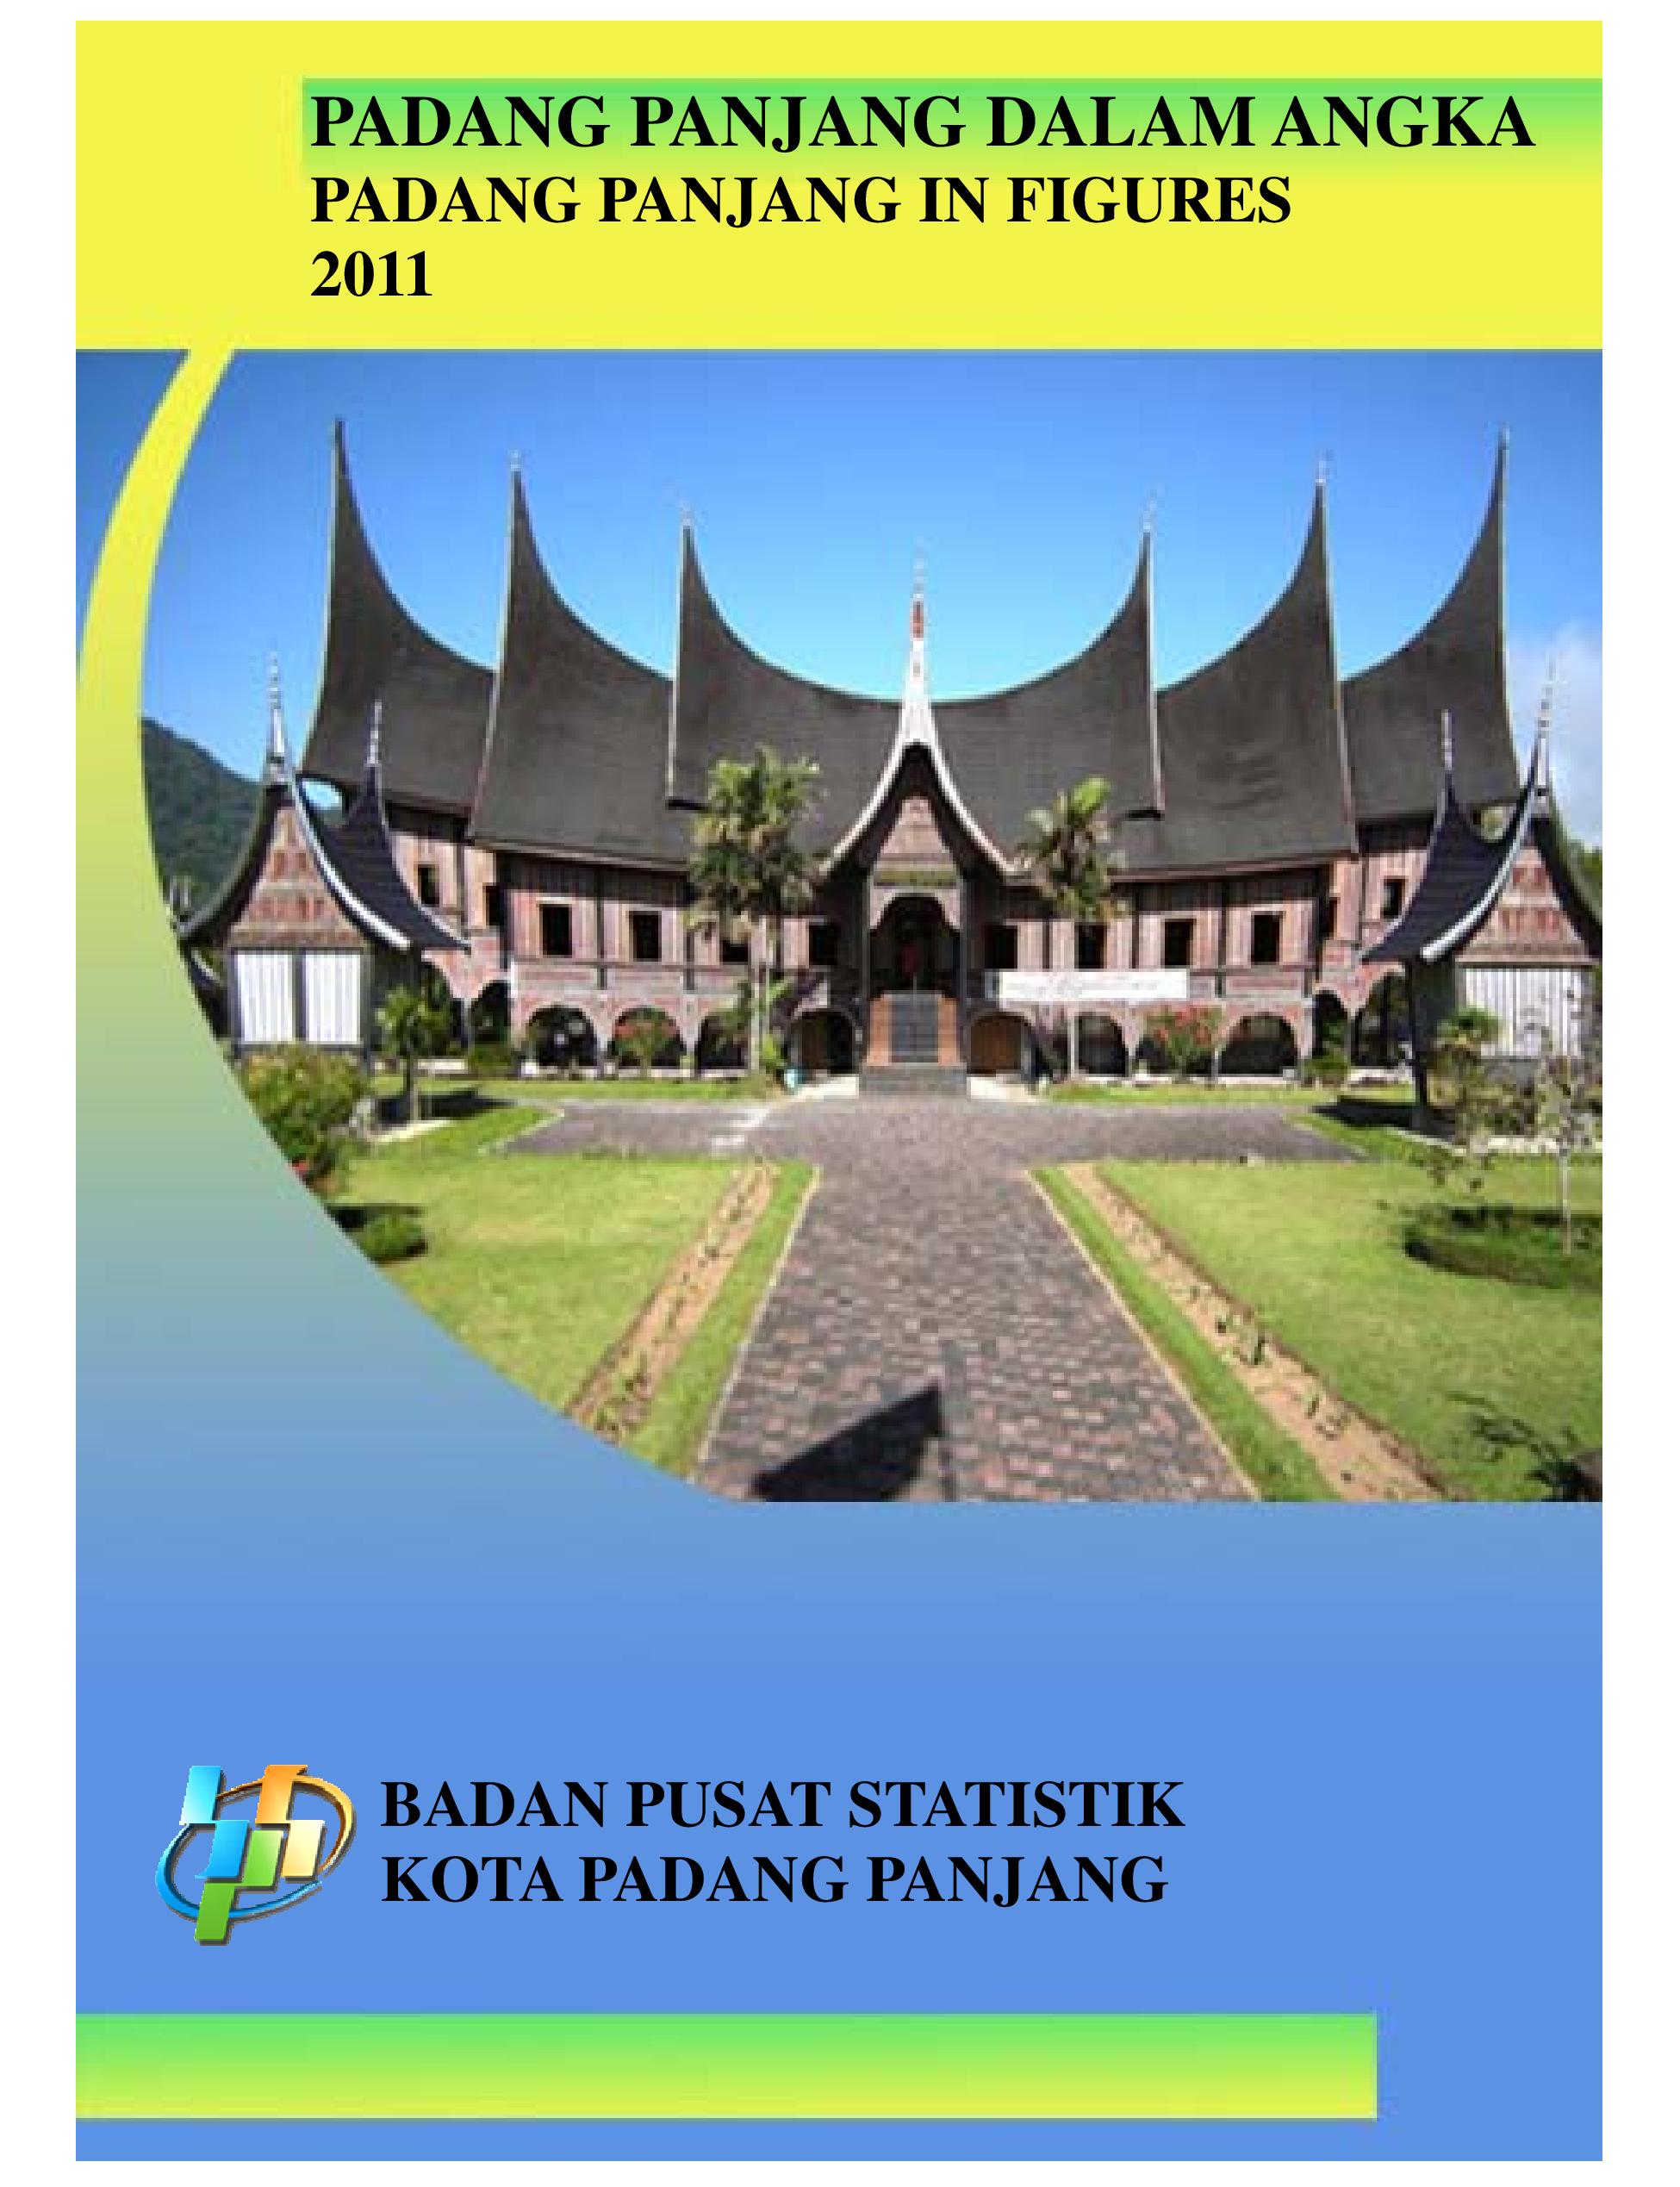 Badan Pusat Statistik Kota Padang Panjang